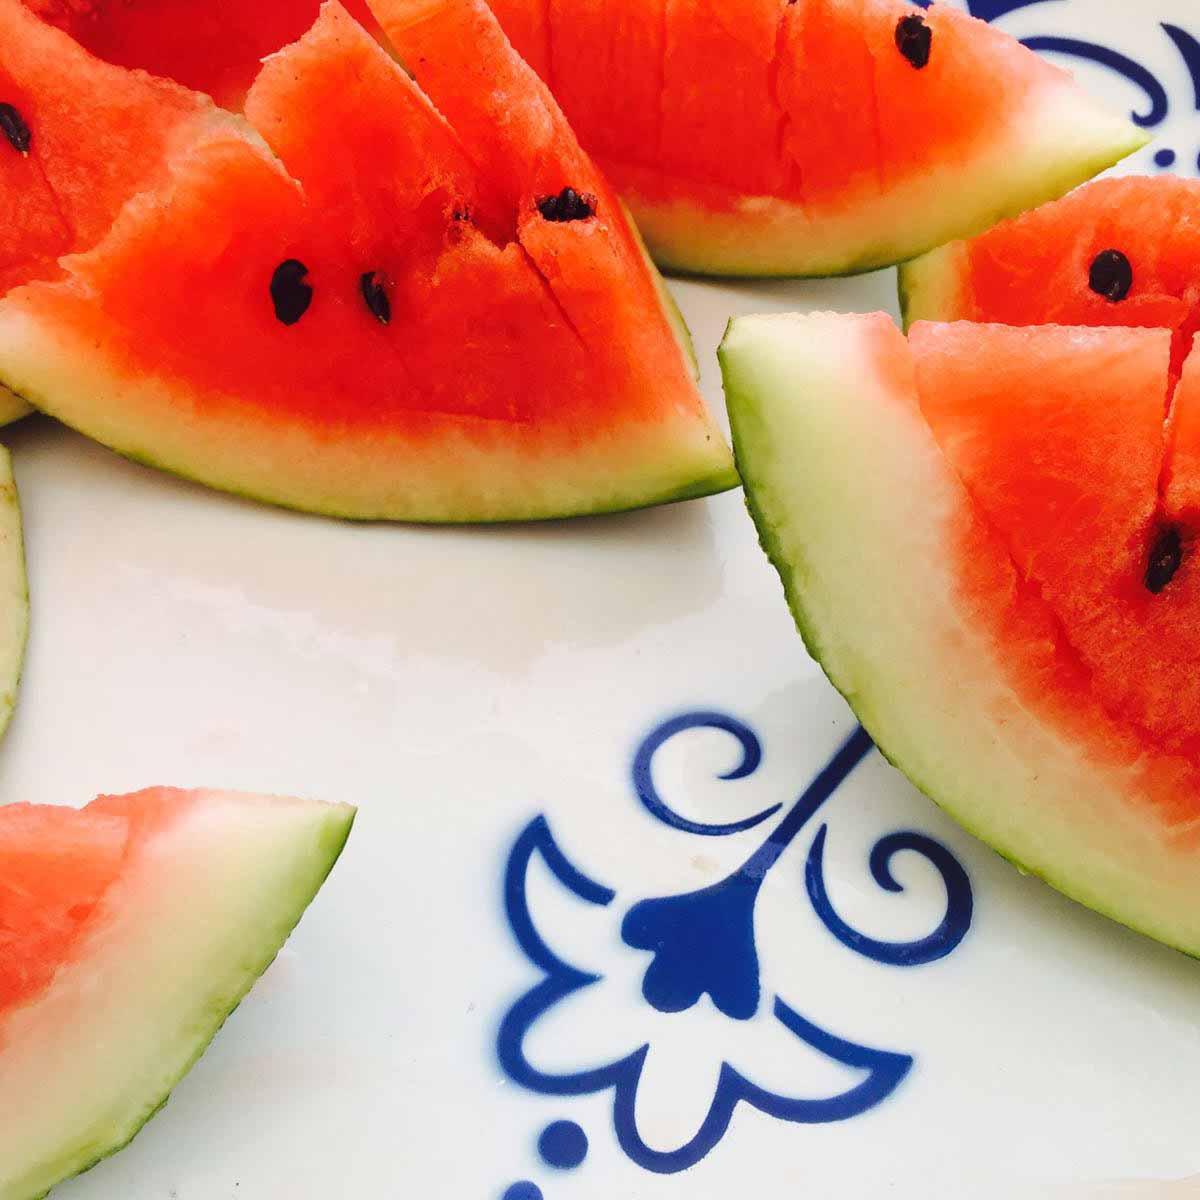 productos_menorca_fruta